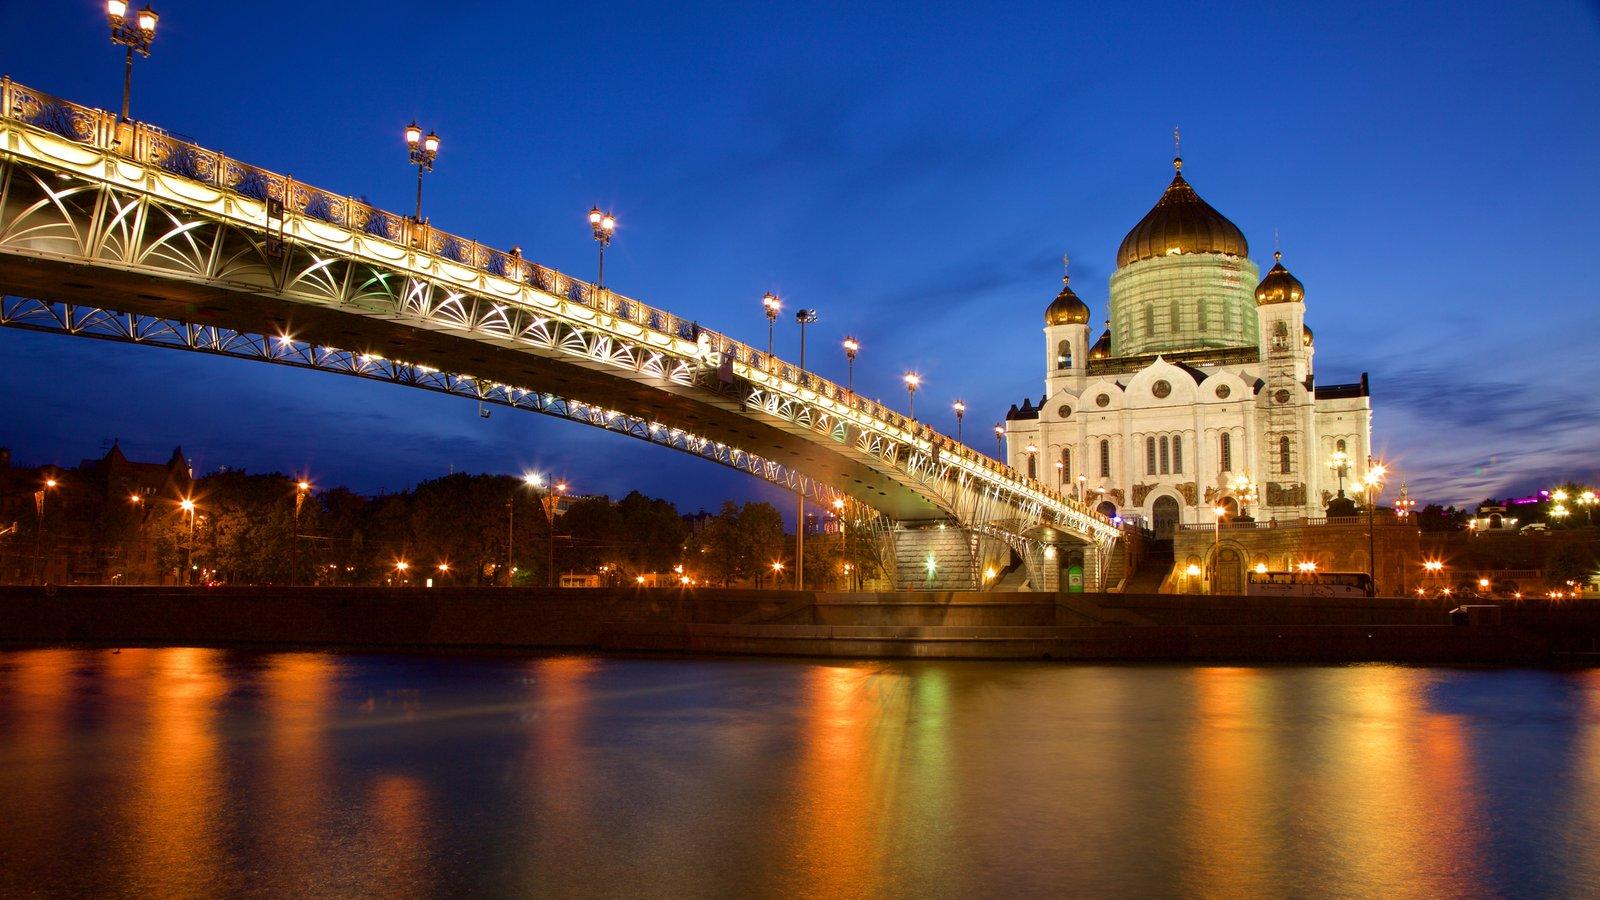 Catedral de Cristo Salvador mostrando uma ponte, um rio ou córrego e arquitetura de patrimônio